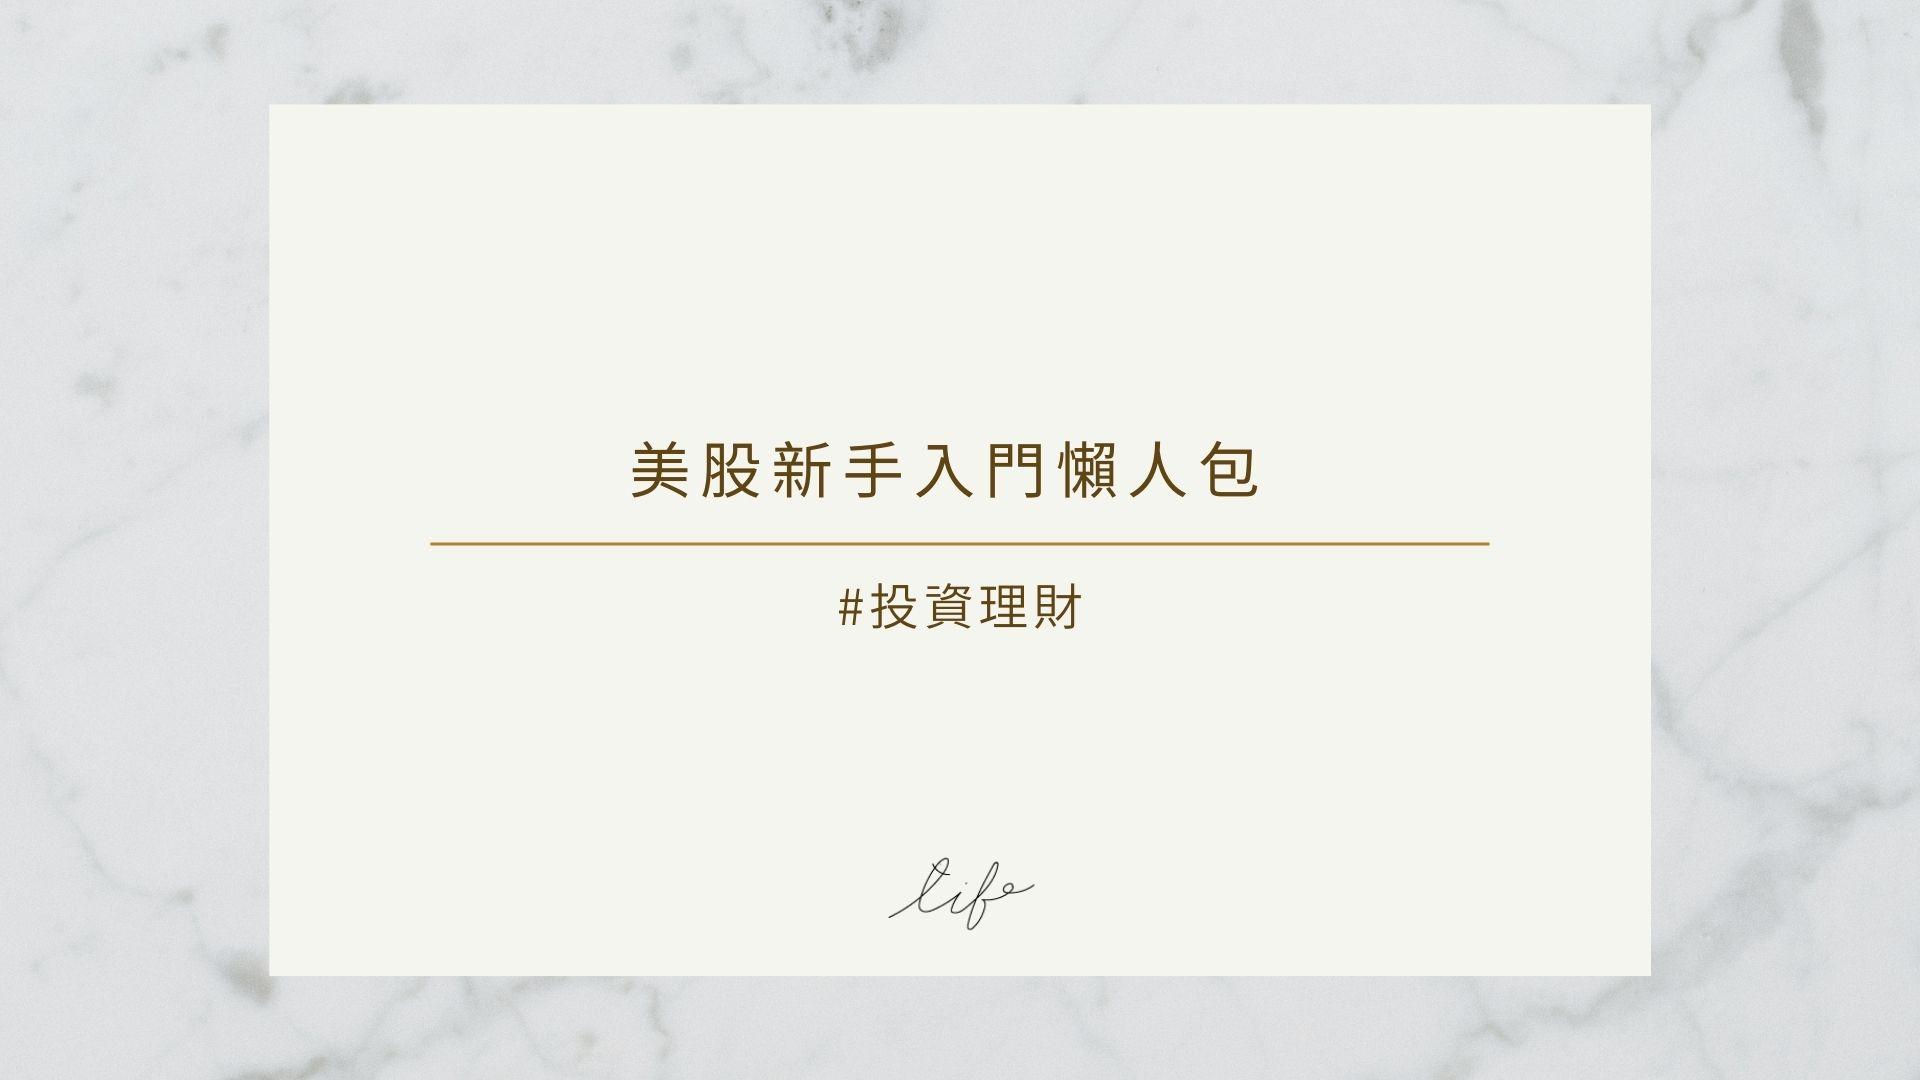 You are currently viewing 美股新手入門懶人包,由淺入深地帶你認識美股